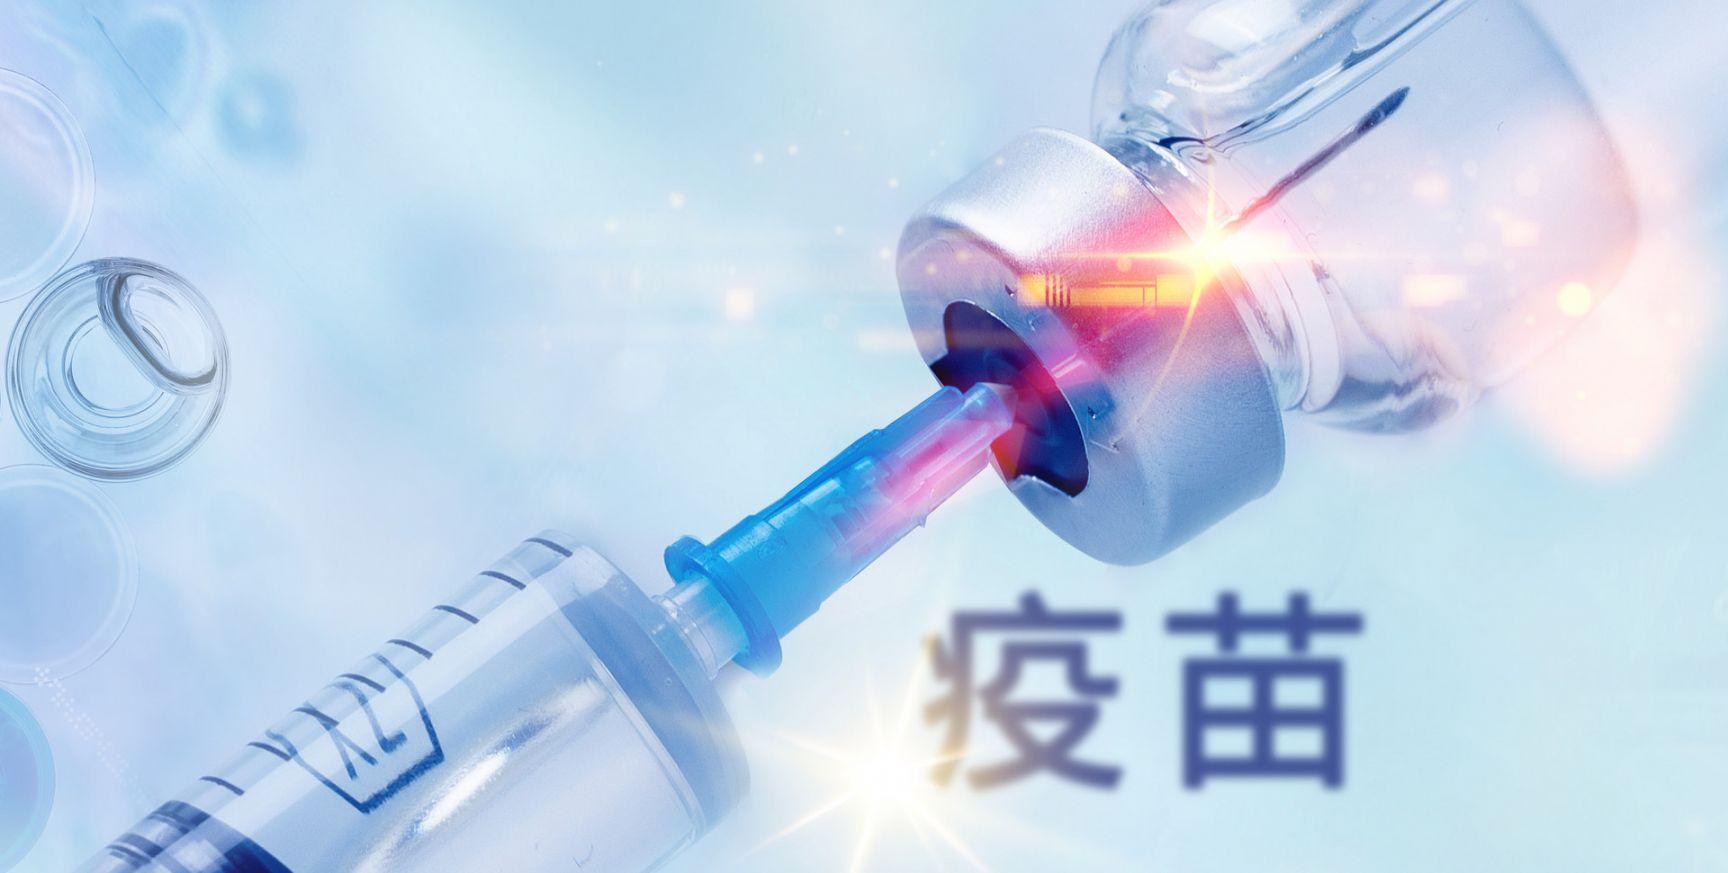 鄭州新冠疫苗到苗通知匯總(持續更新)